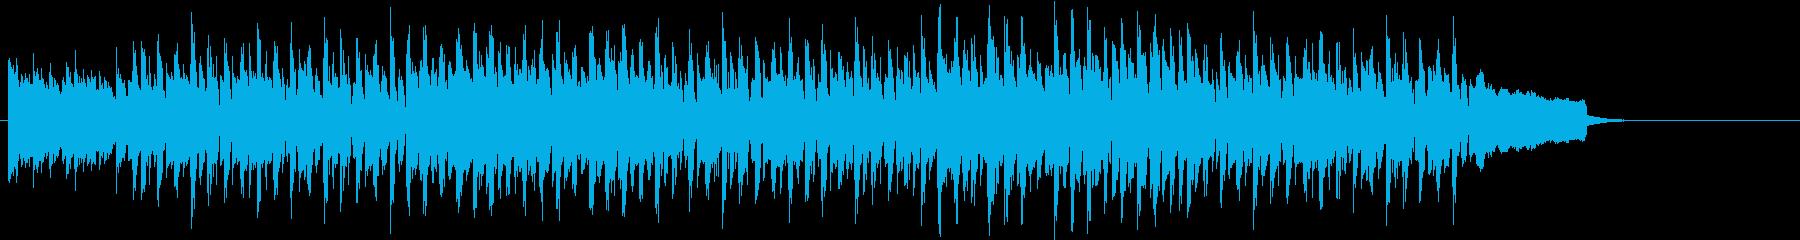 番組のテーマや導入のBGMの再生済みの波形